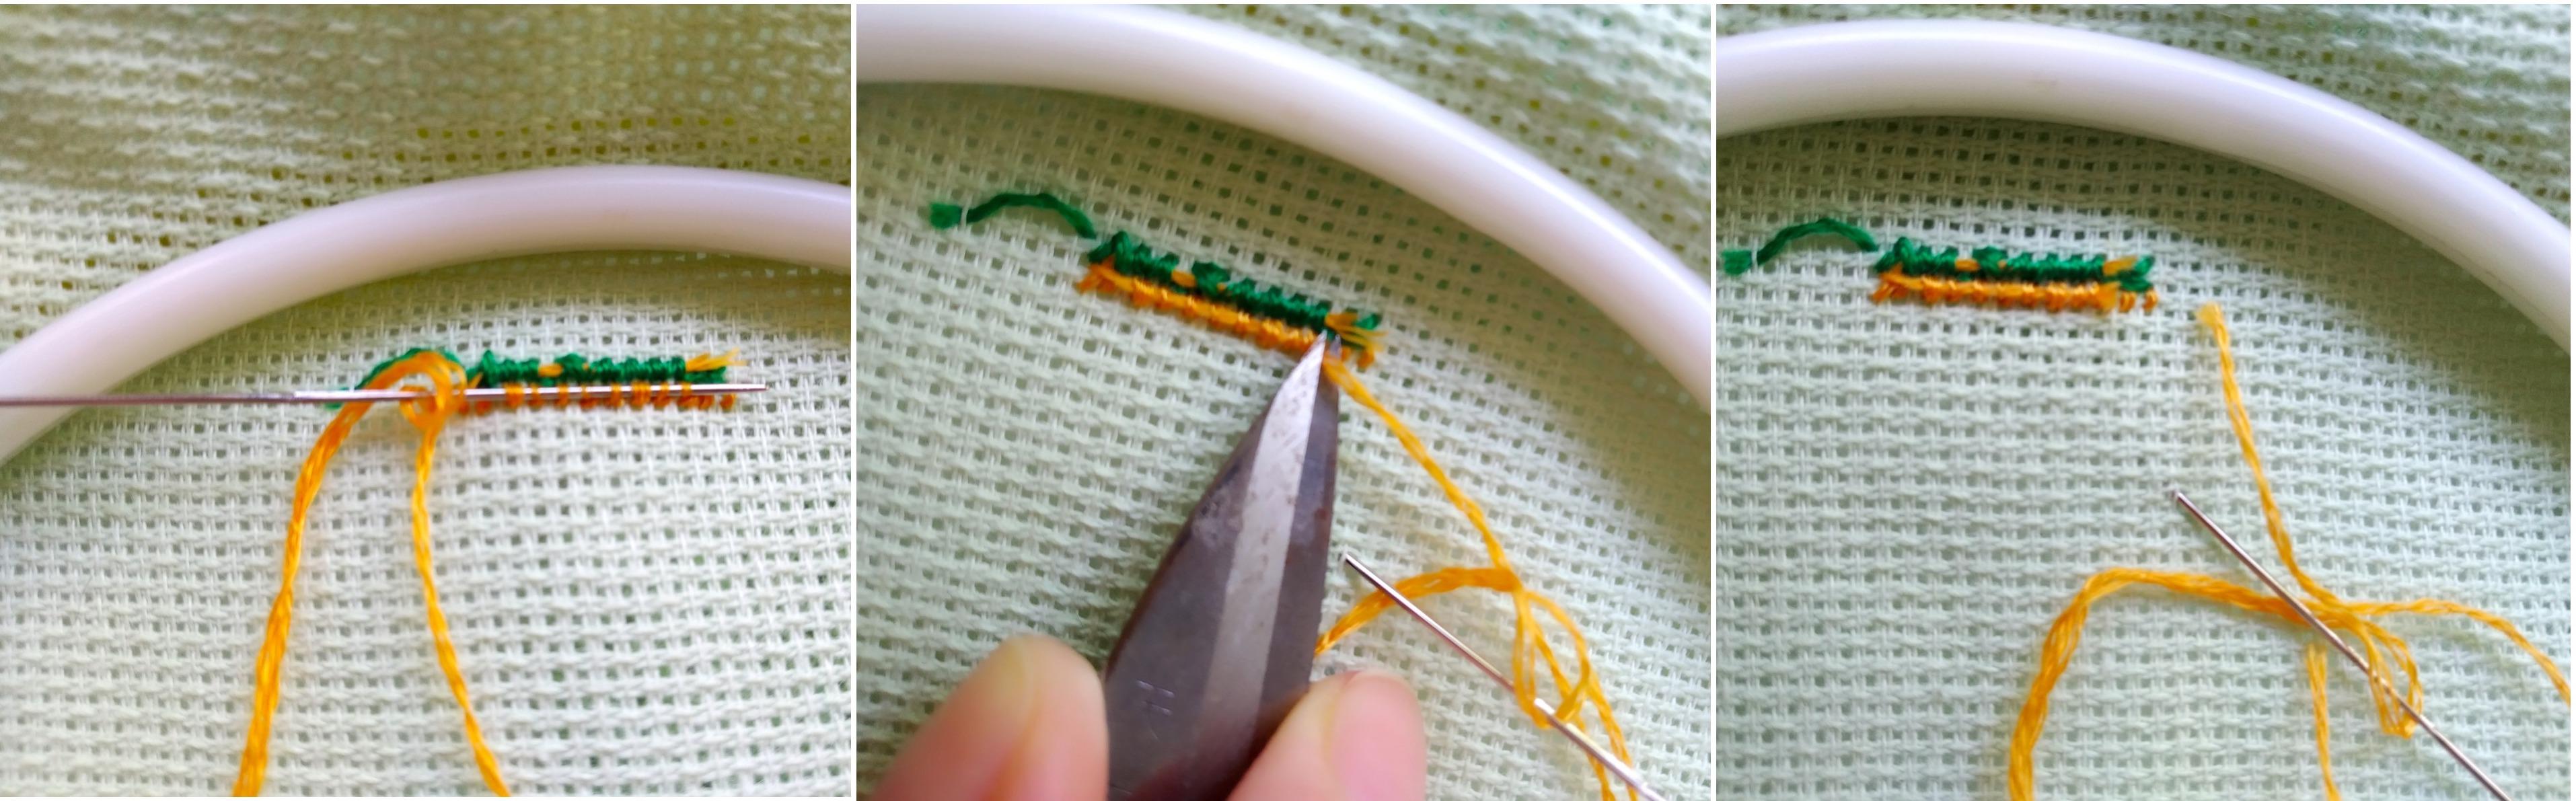 Мастер-класс, как закрепить нитку при вышивке крестом в начале и в конце без узелков